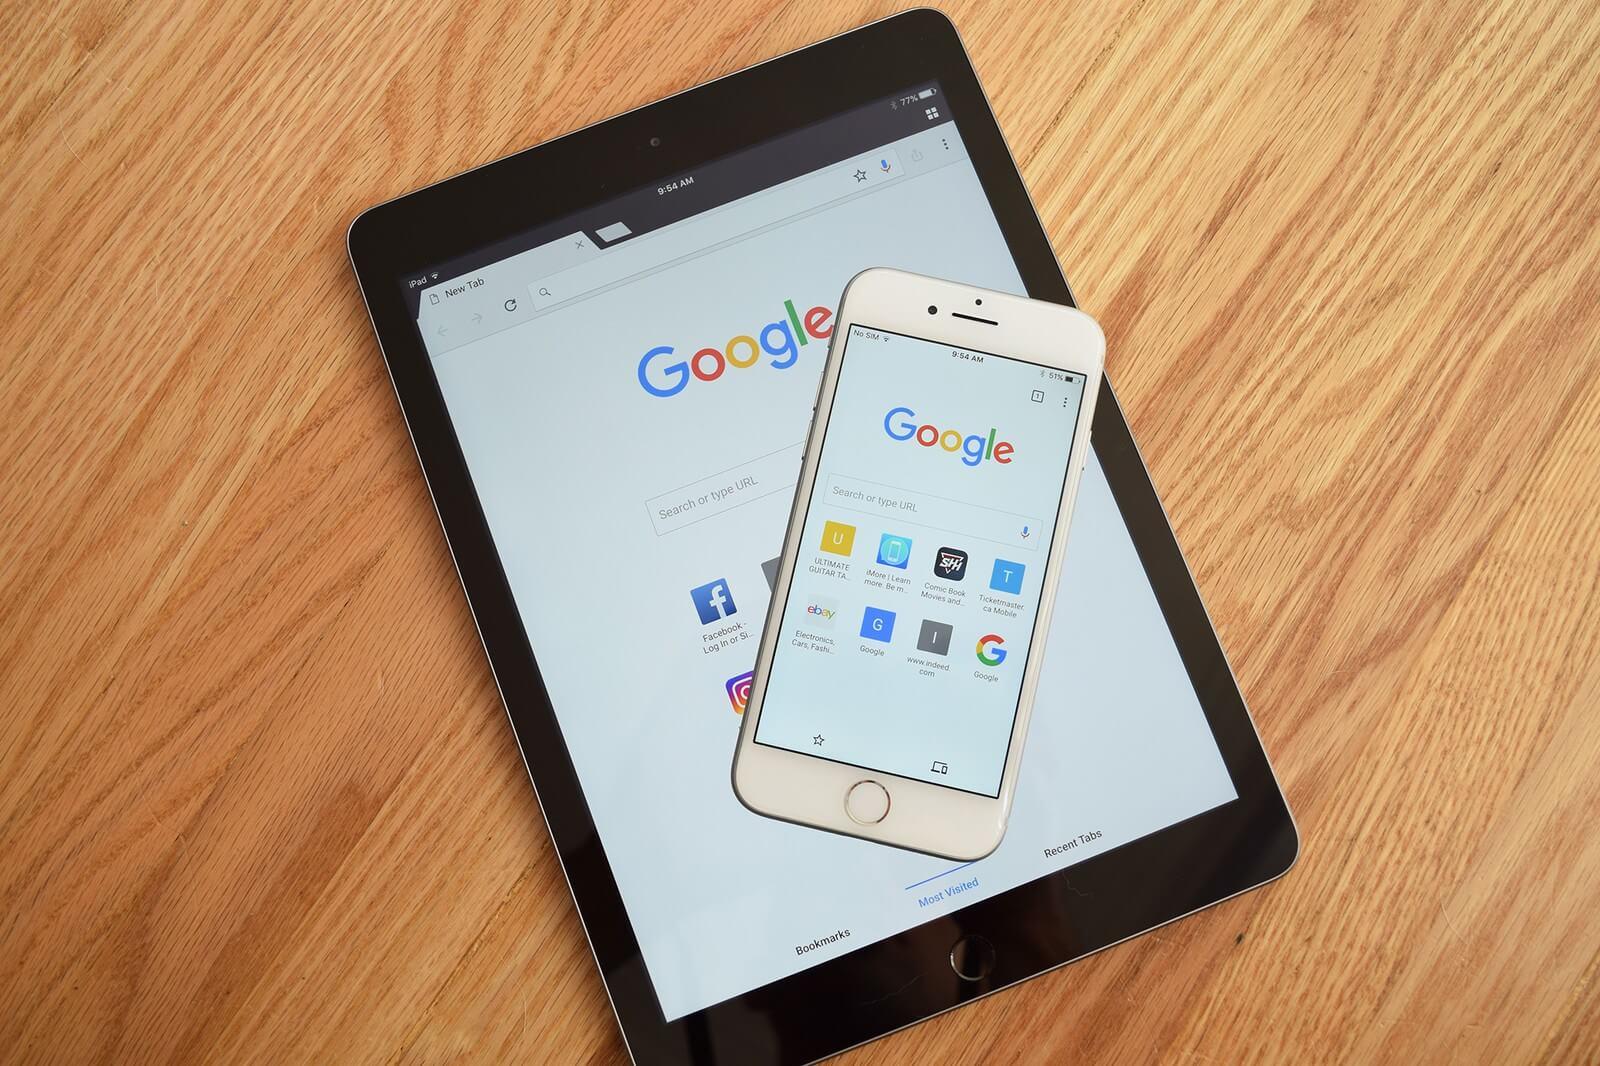 Come aggiungere motore di ricerca a Chrome su iOS 1